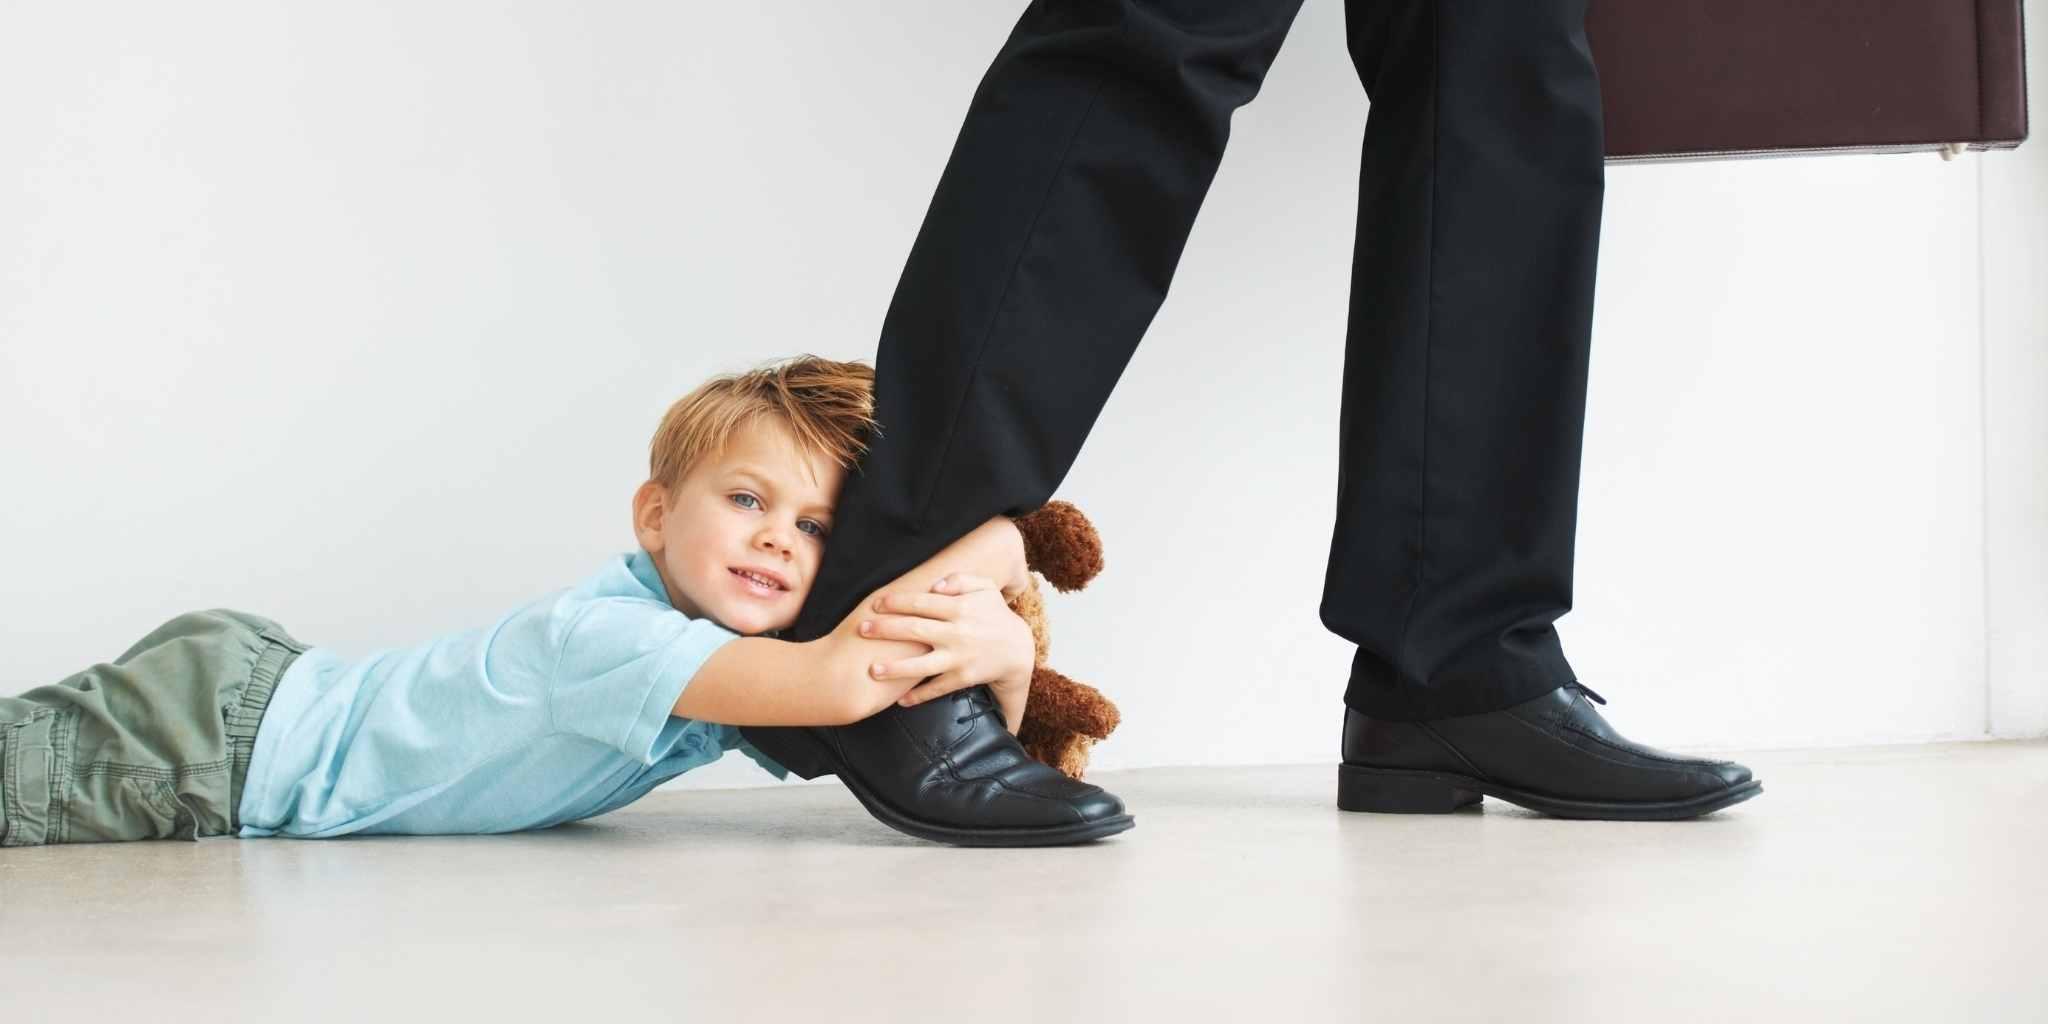 Ką daryti, kai vaikai jaučia išsiskyrimo nerimą